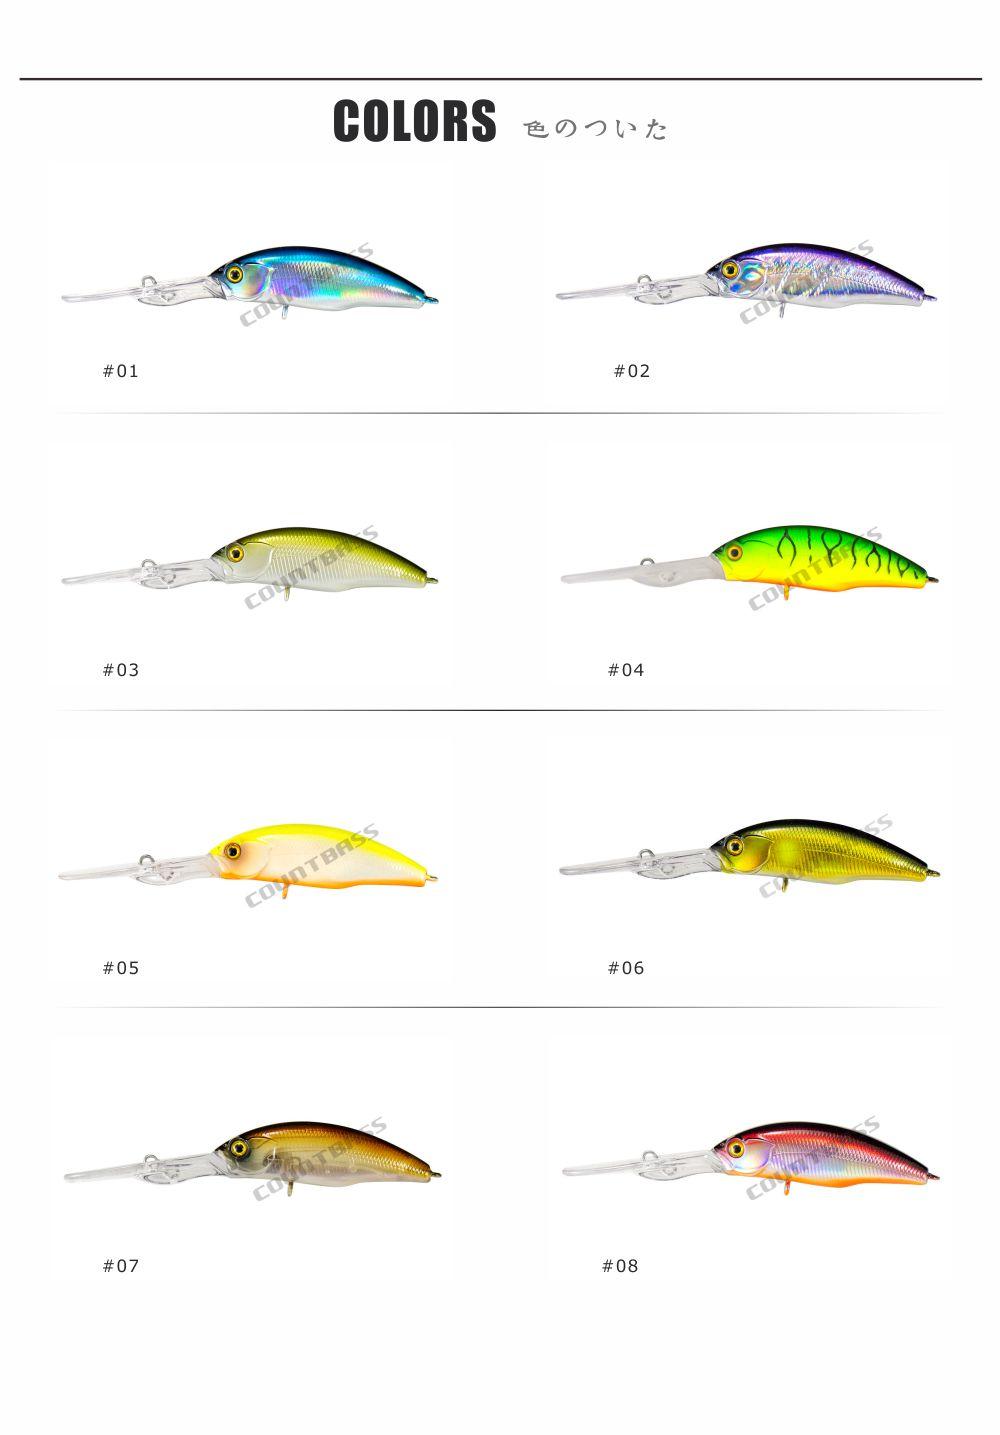 AM163-colors